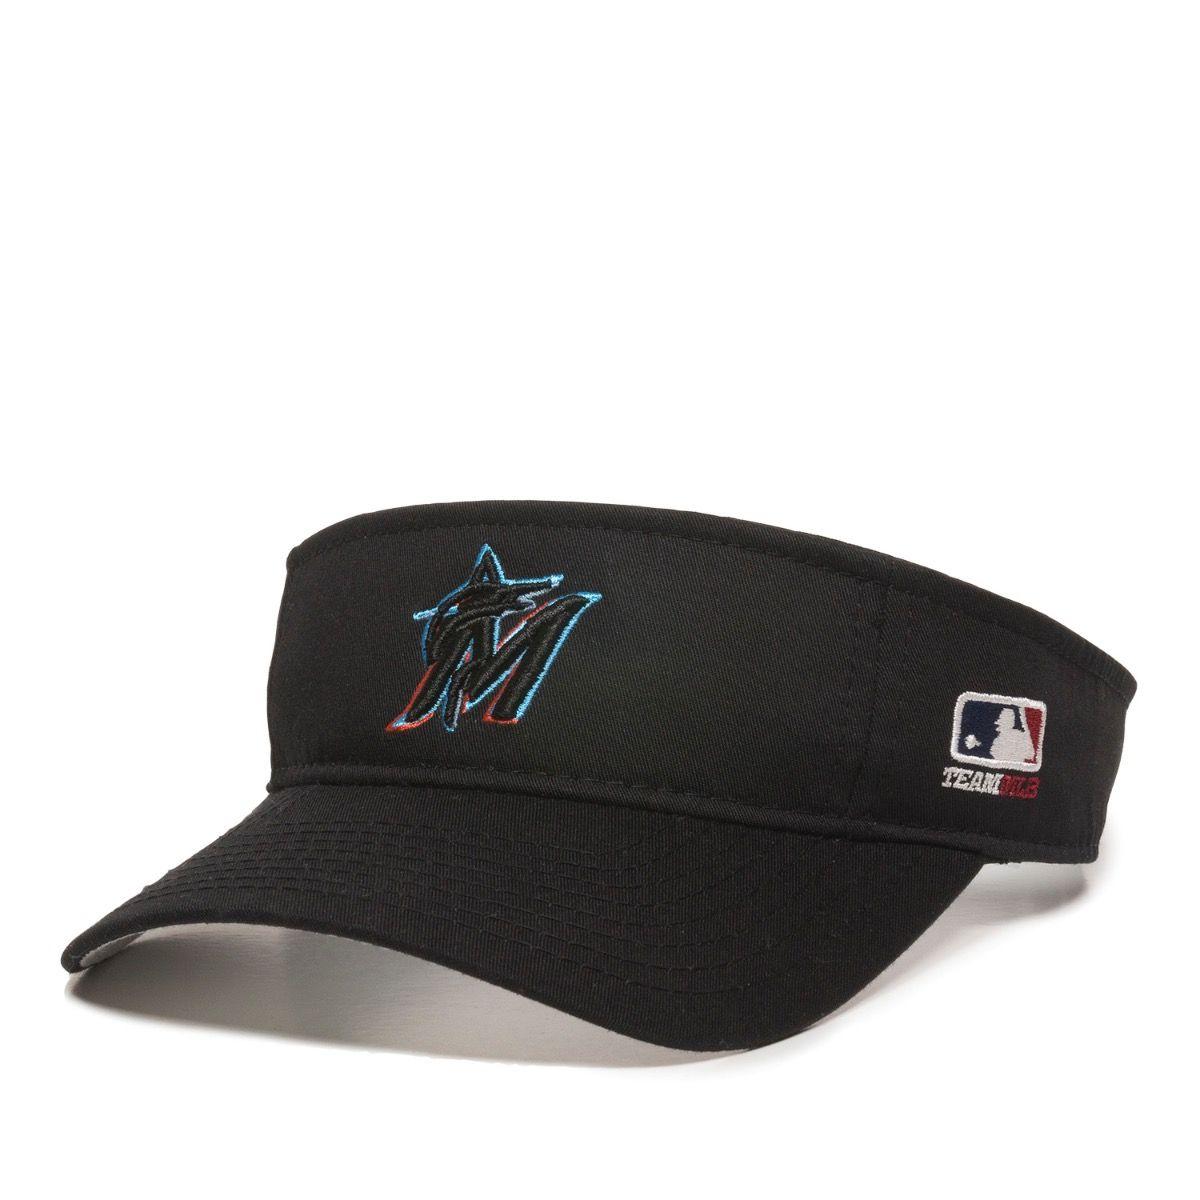 MLB-175  3fbbaf9ea92c